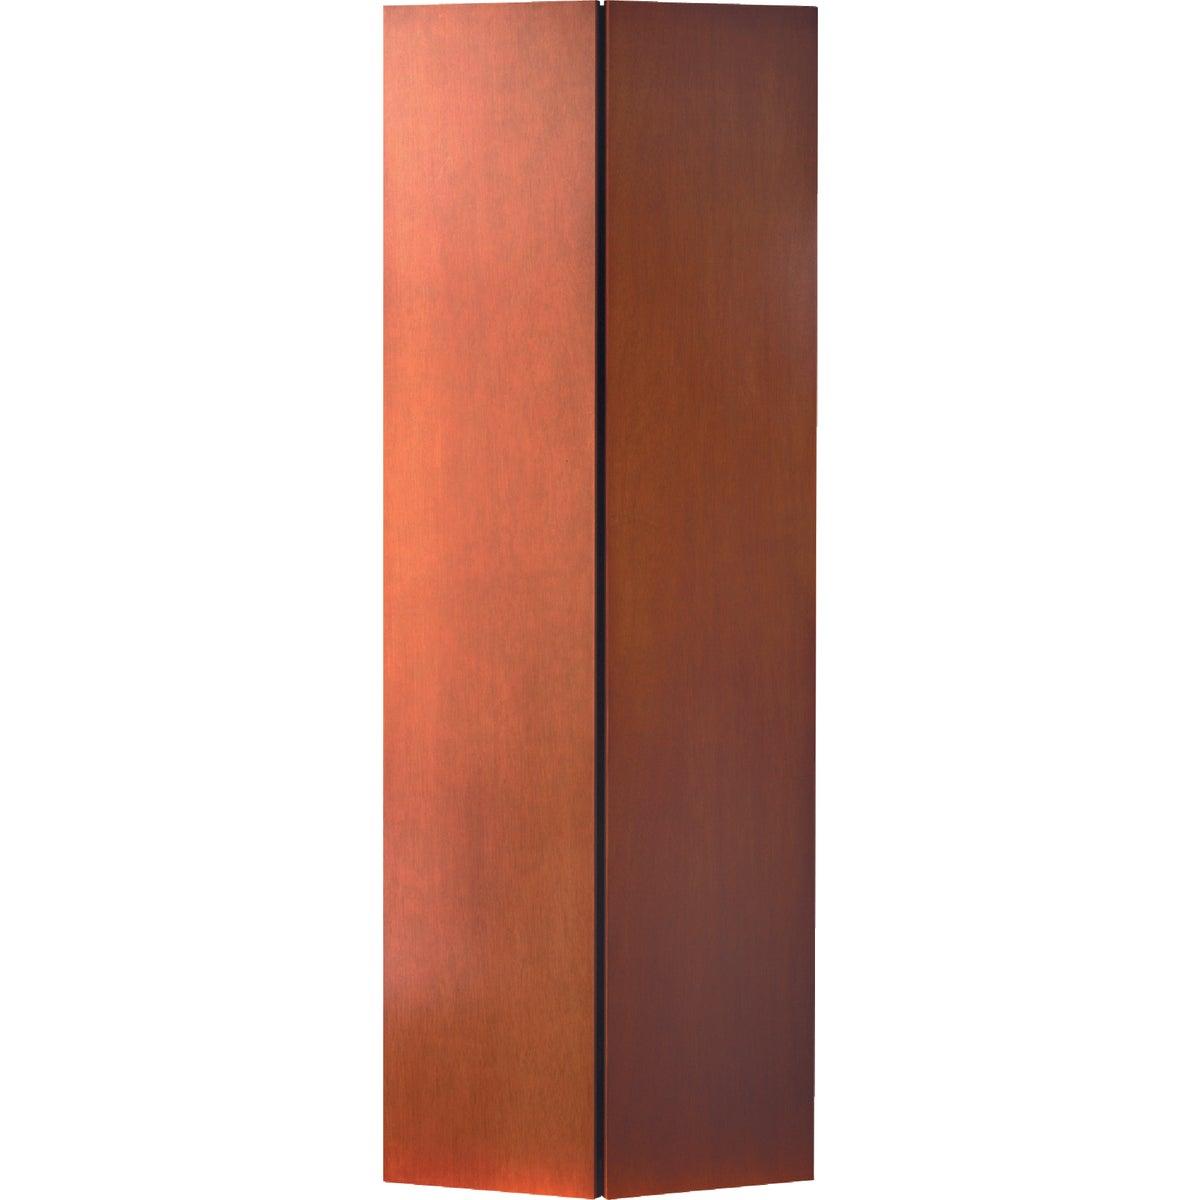 5/0 1-3/8 LUAN BFLD DOOR